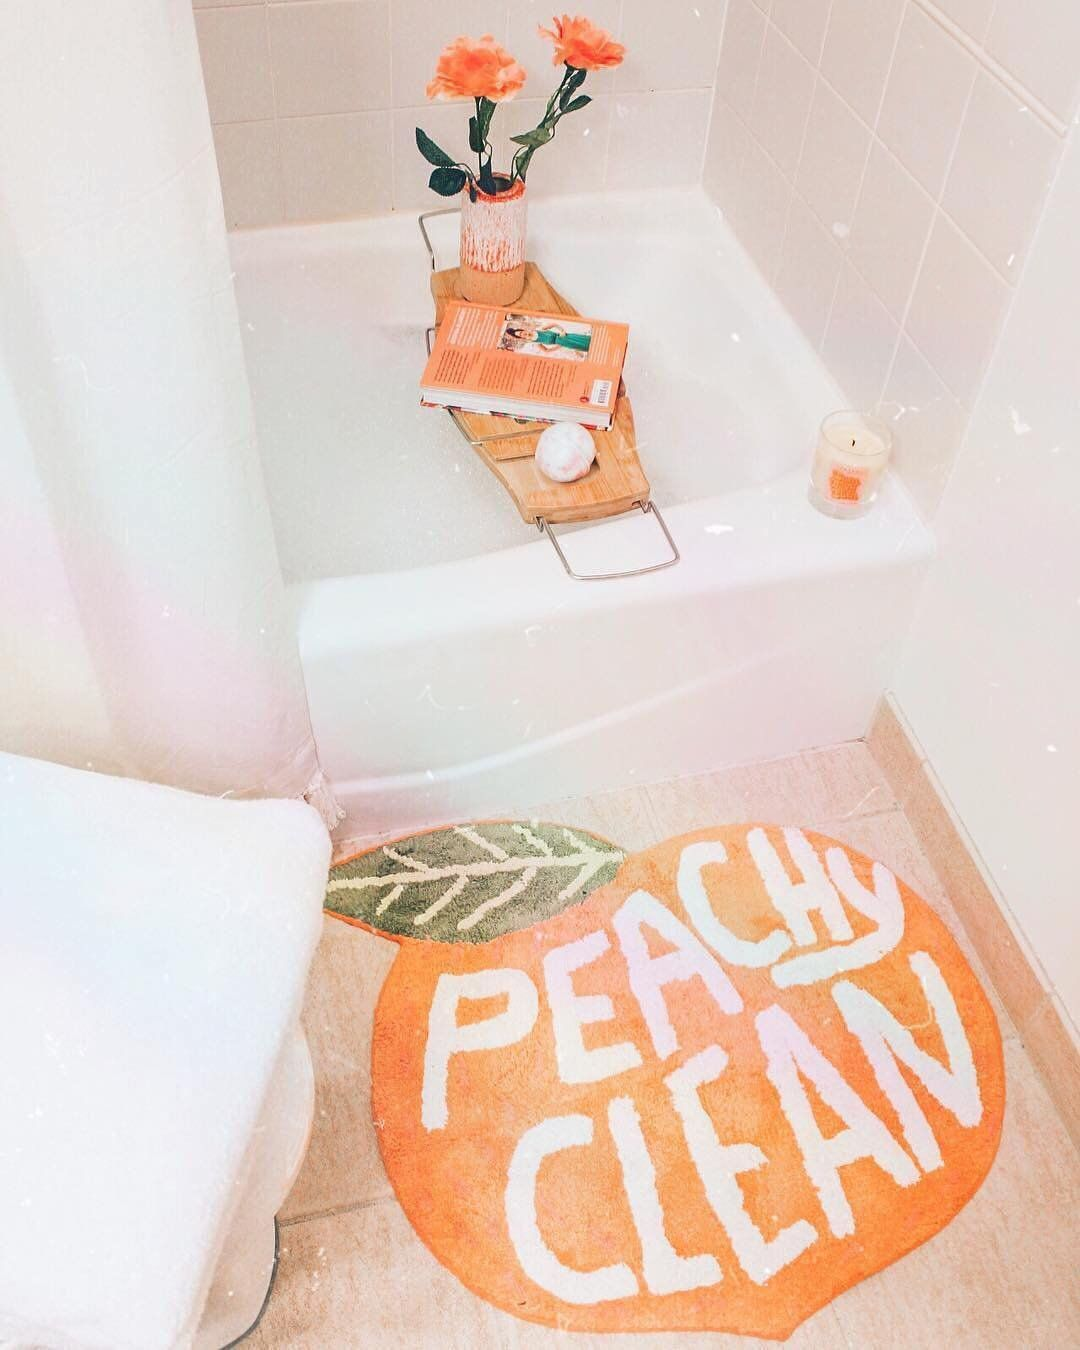 Peachy Clean Bath Mat Urban Outfitters Home Cute Mats Peach Bathroom